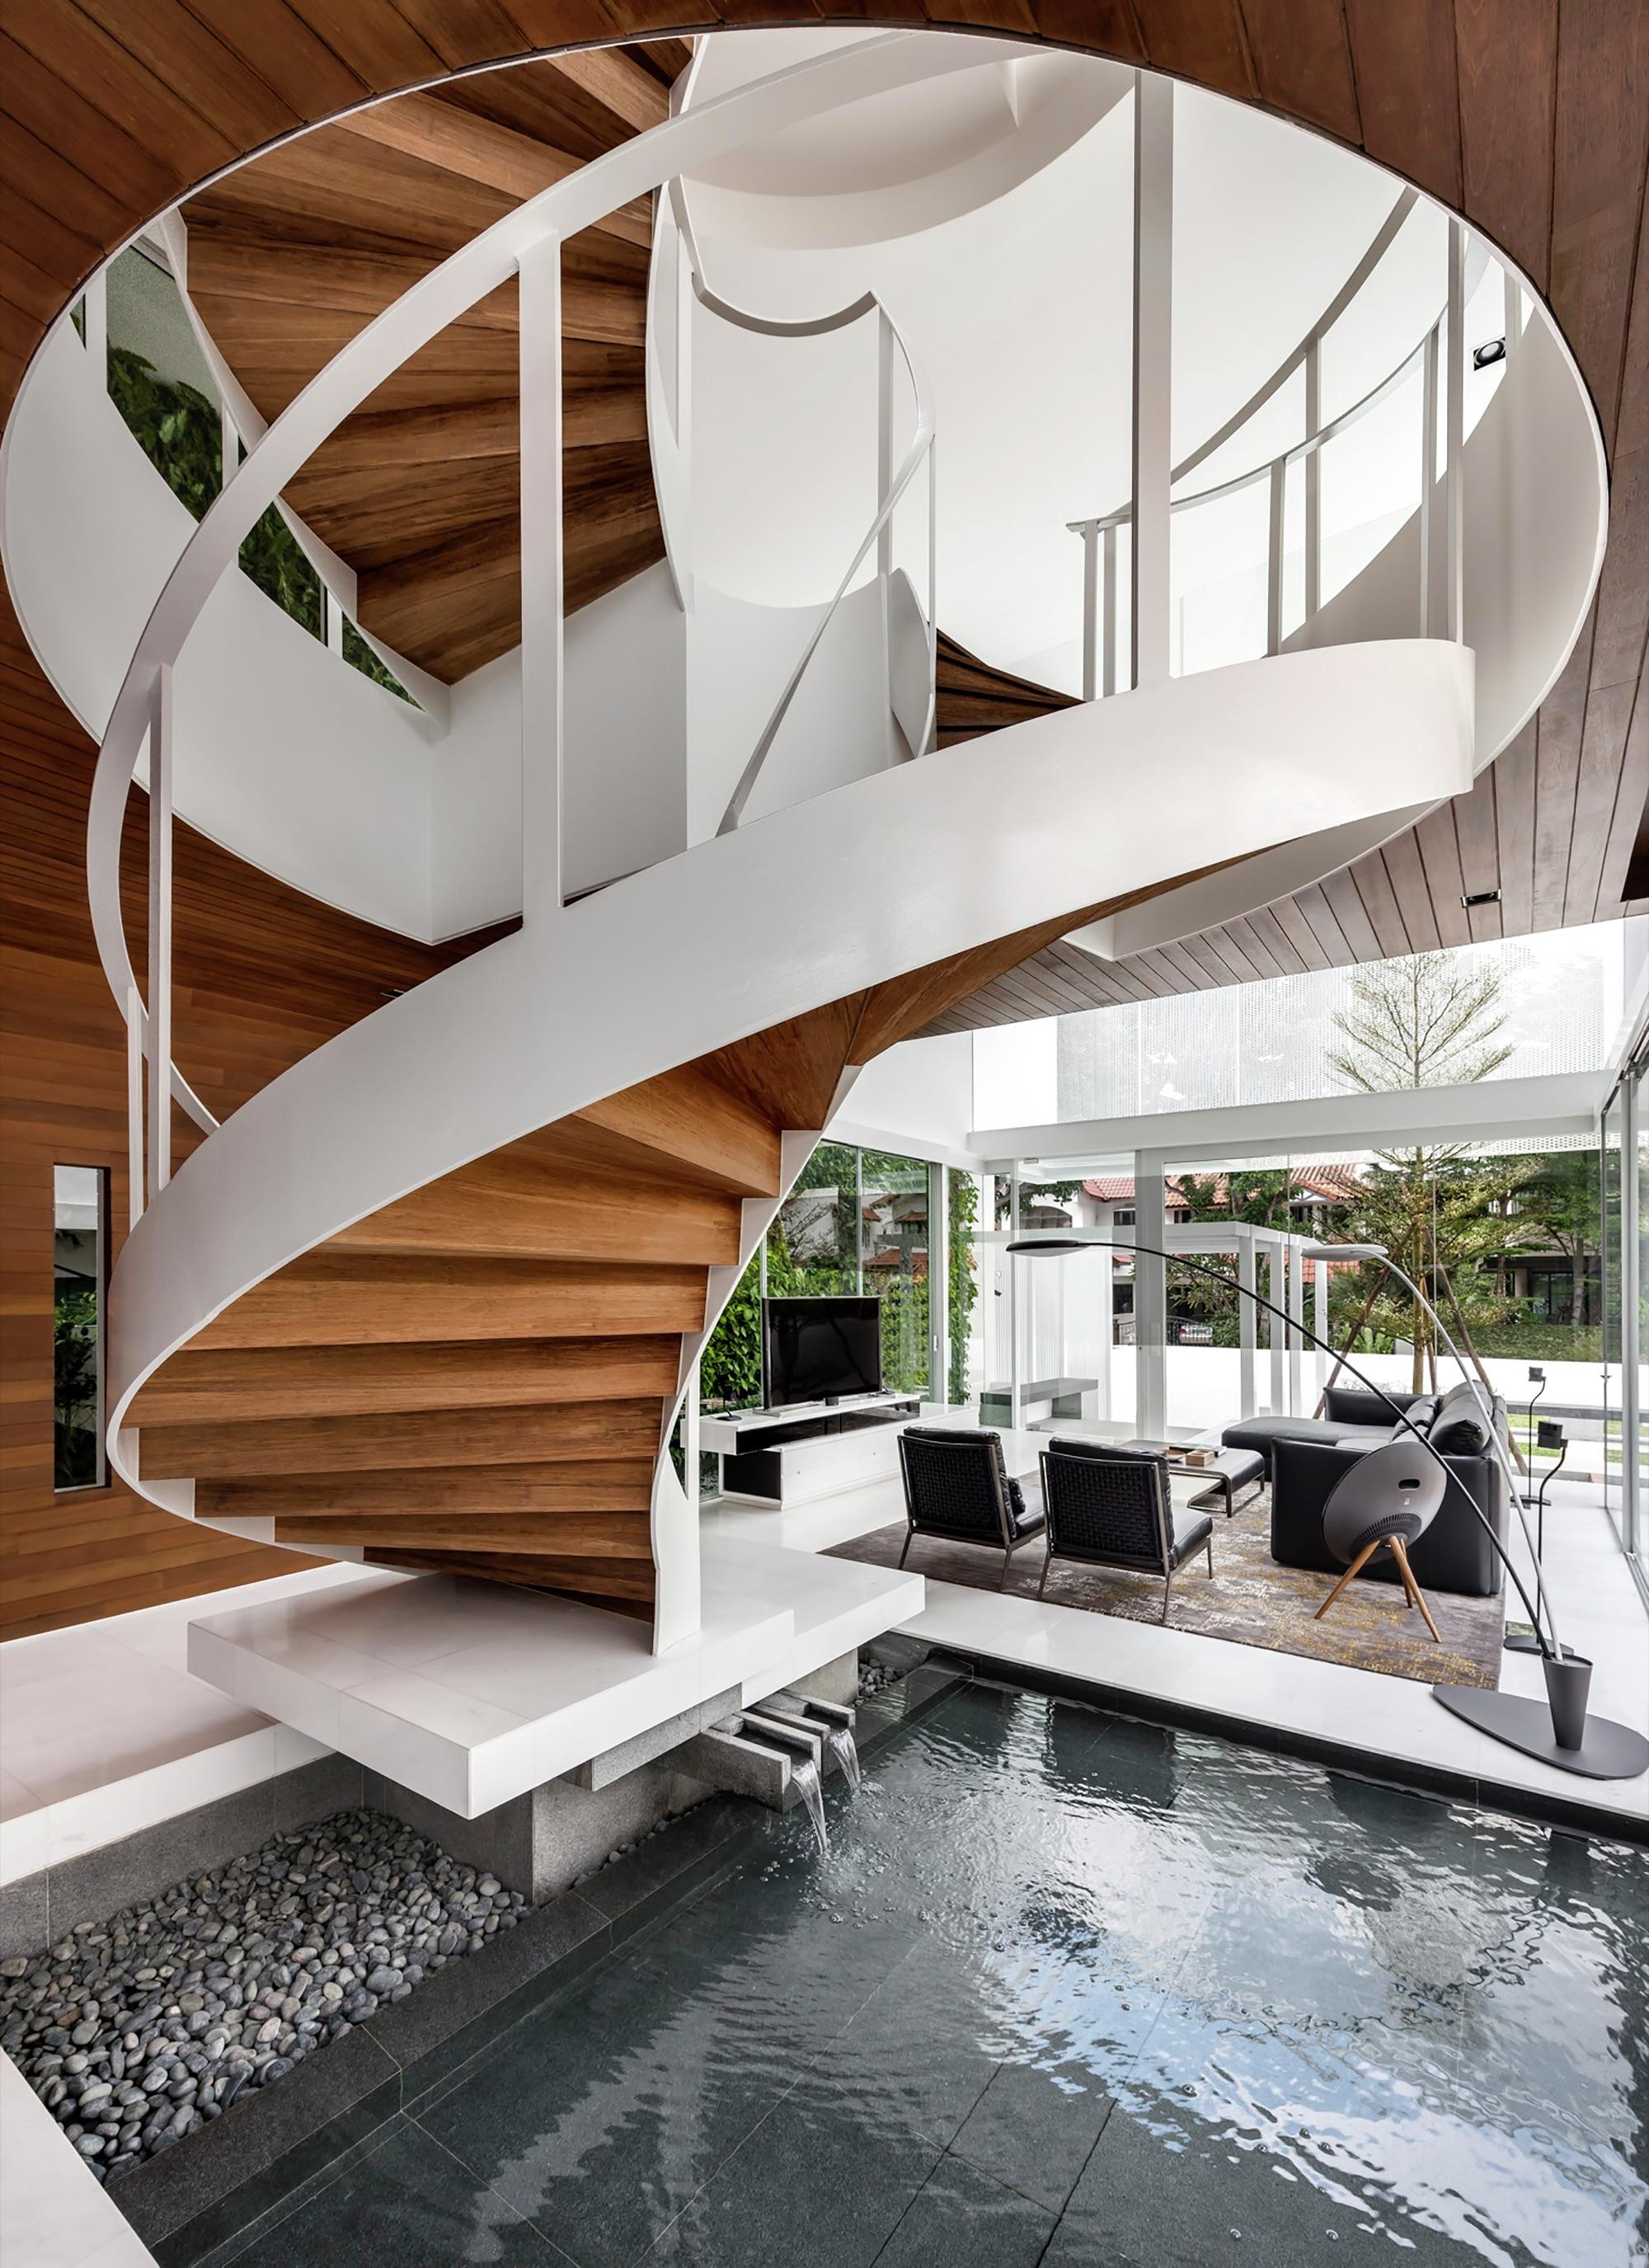 Casa moderna cuatro dormitorios Interiores de casas modernas 2015